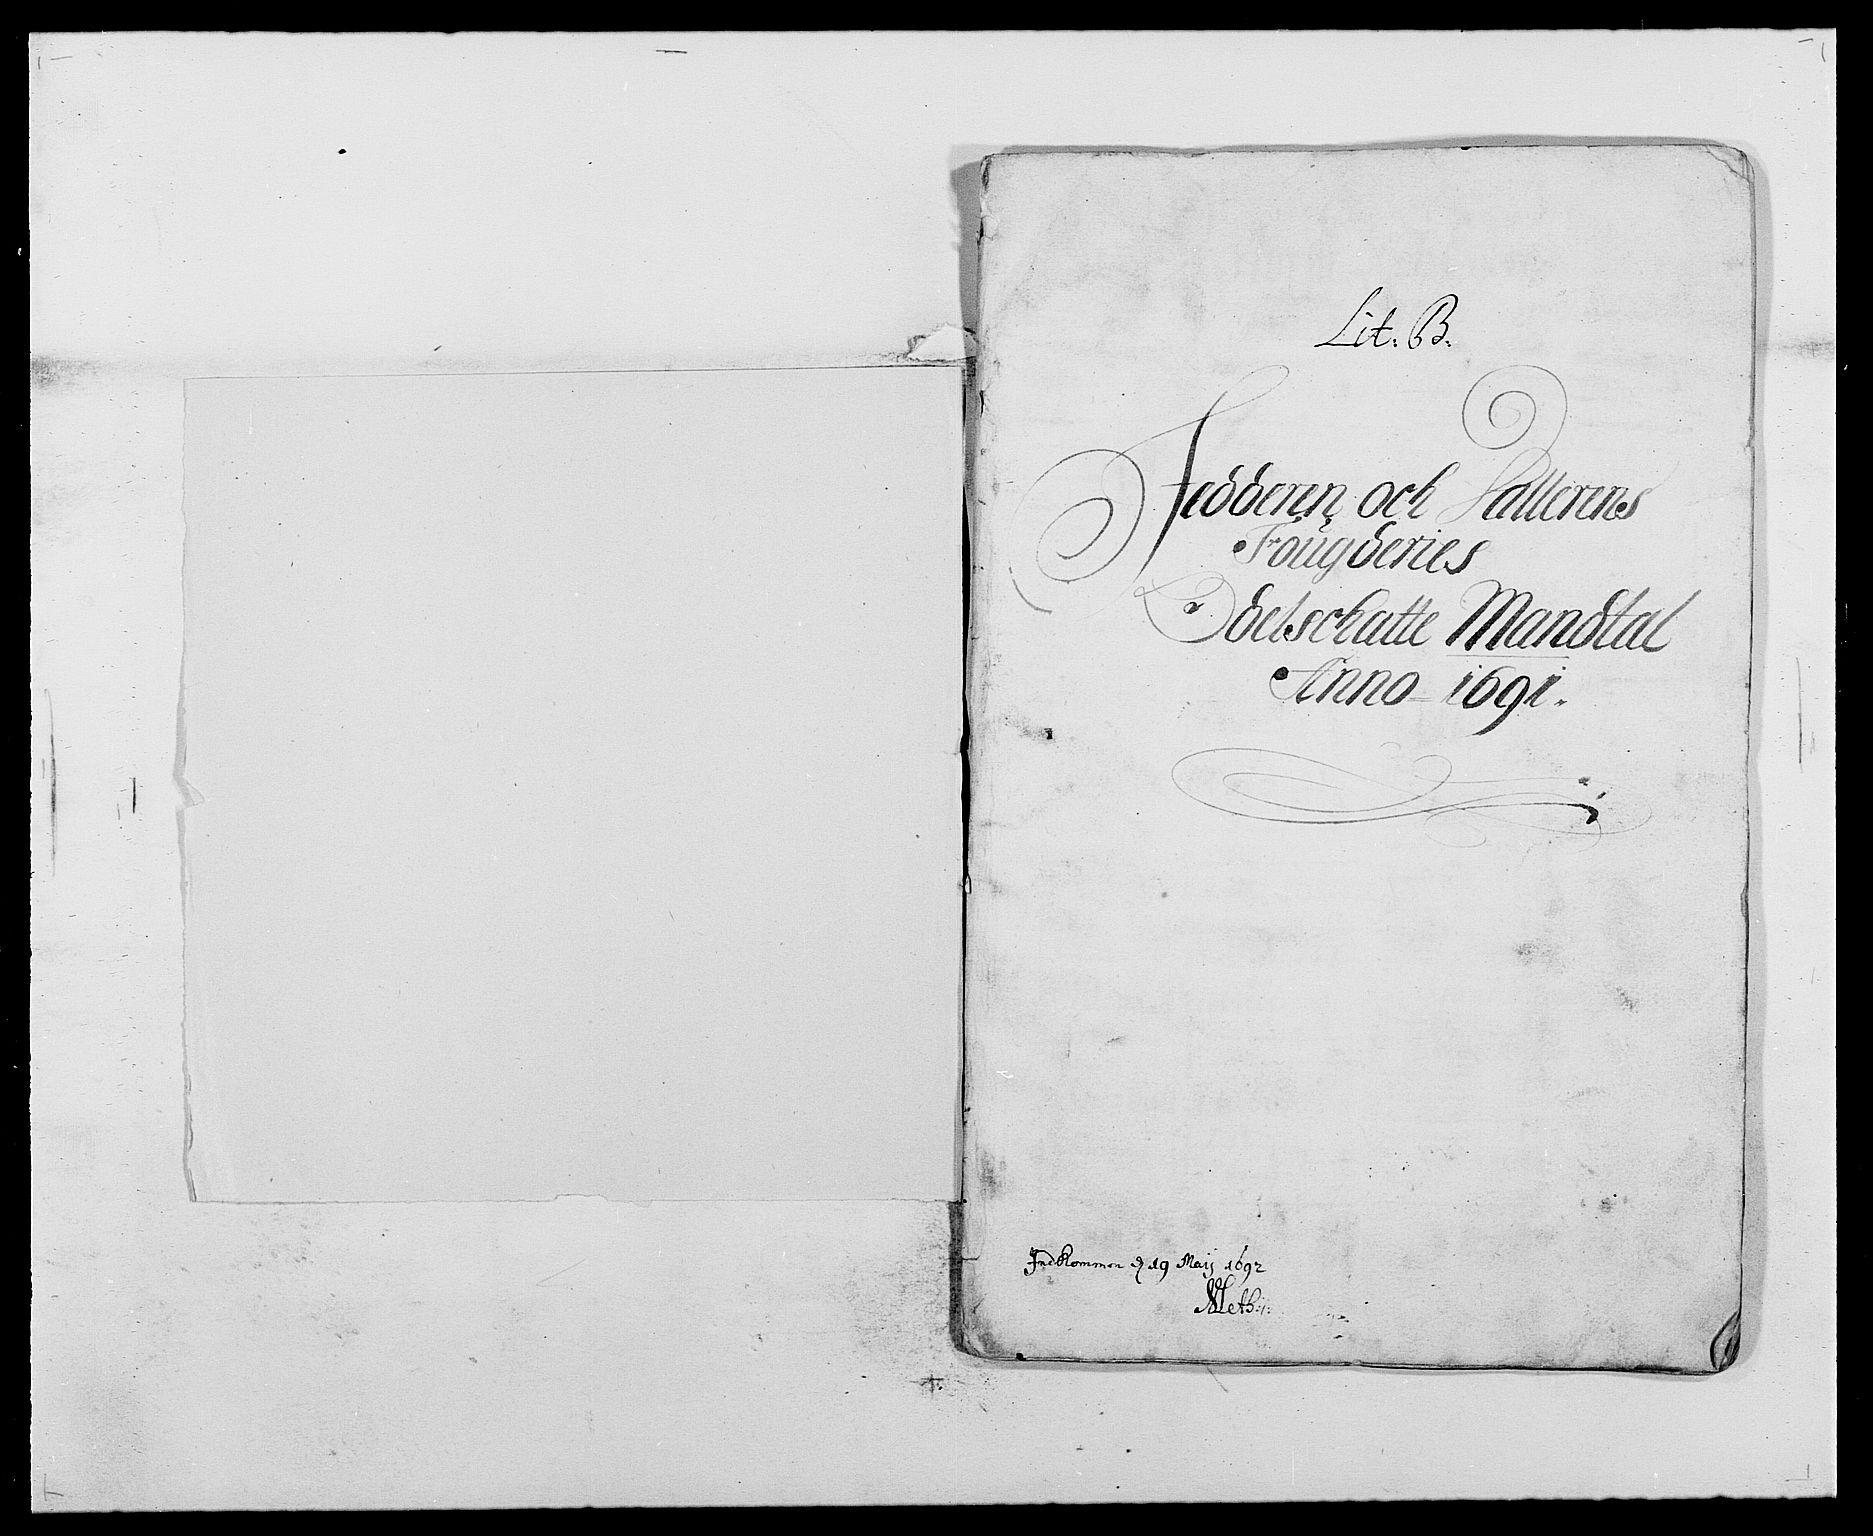 RA, Rentekammeret inntil 1814, Reviderte regnskaper, Fogderegnskap, R46/L2727: Fogderegnskap Jæren og Dalane, 1690-1693, s. 78